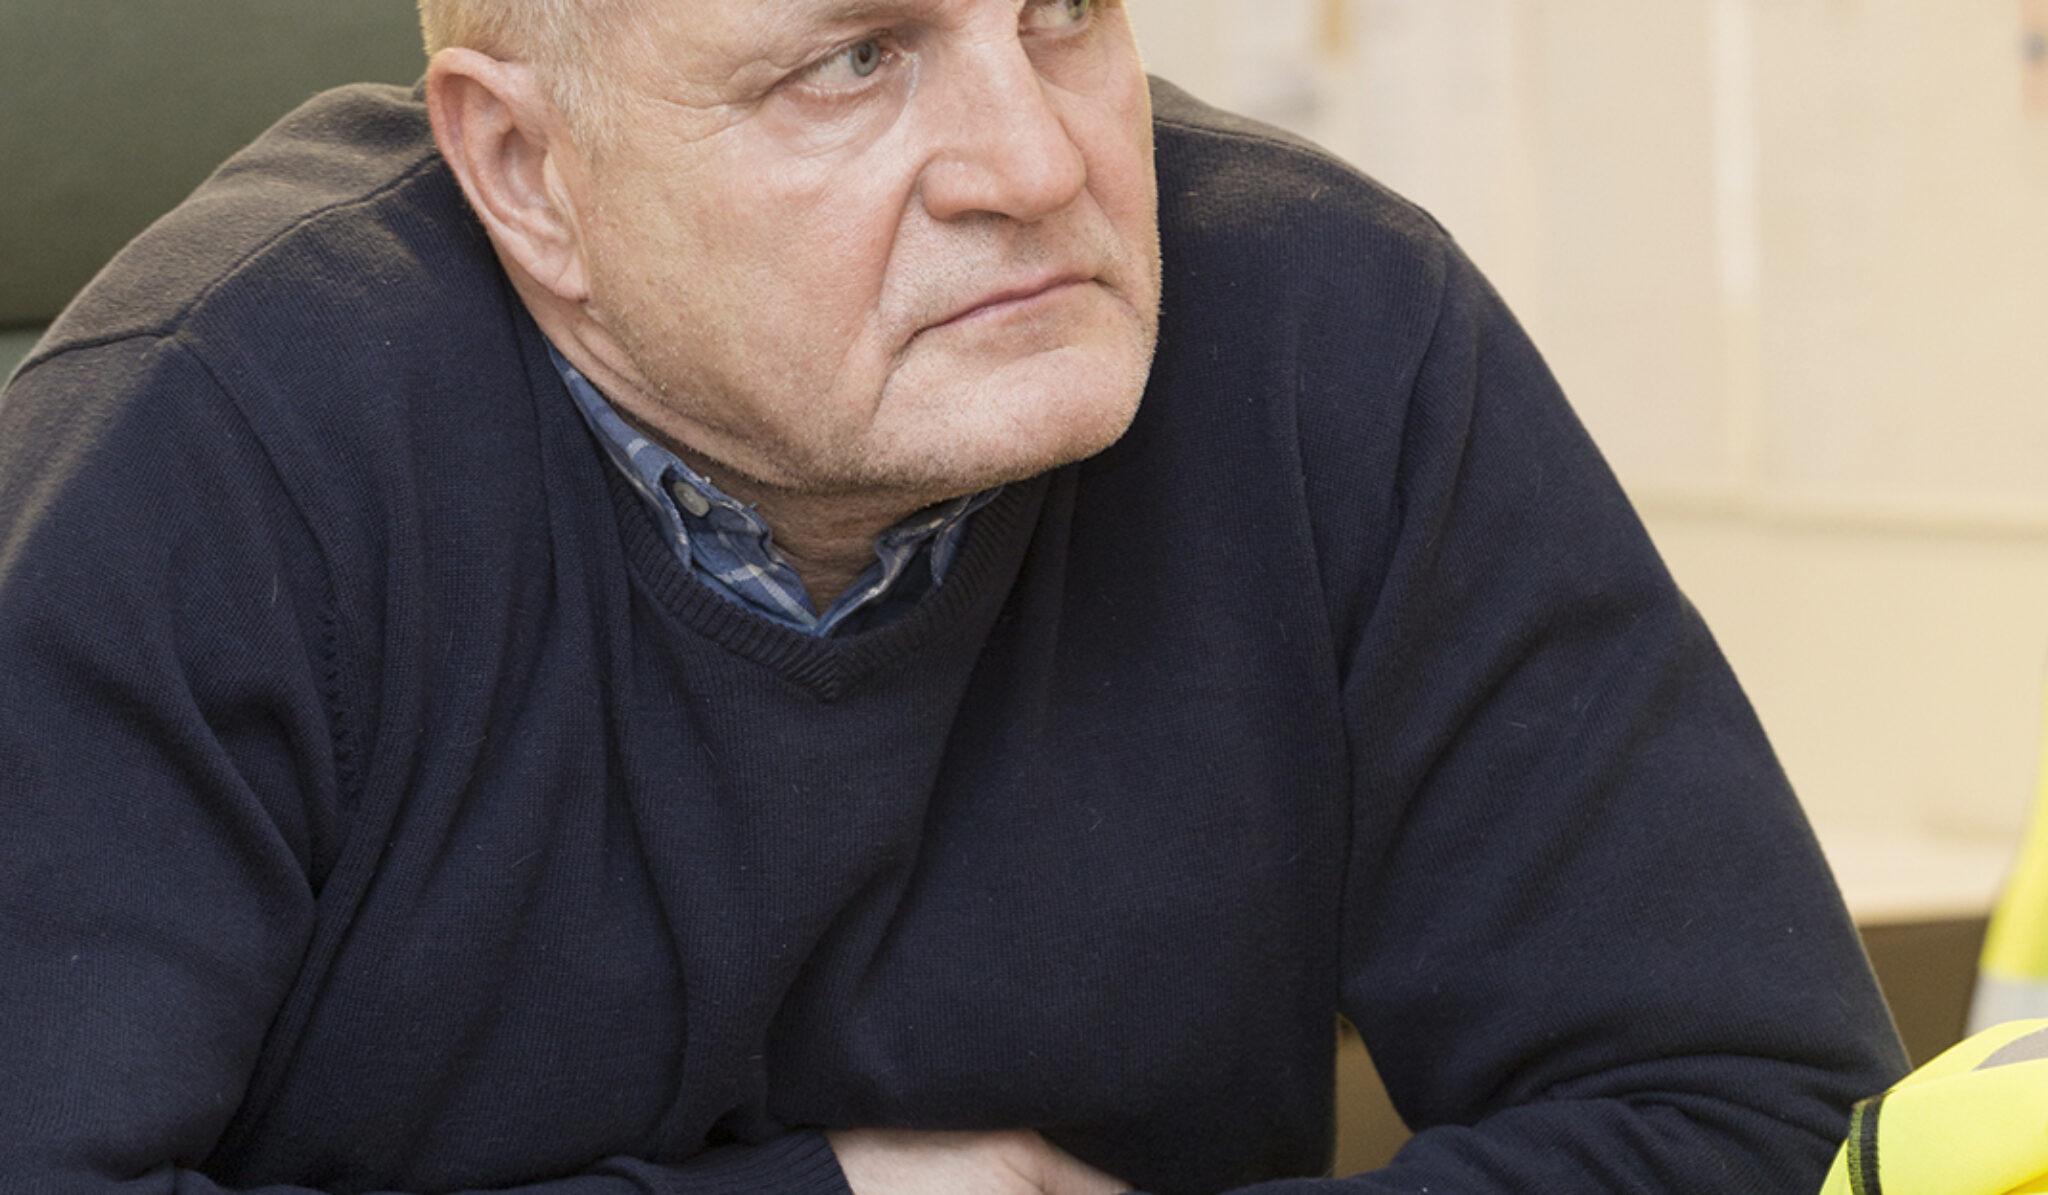 Ari Tikka